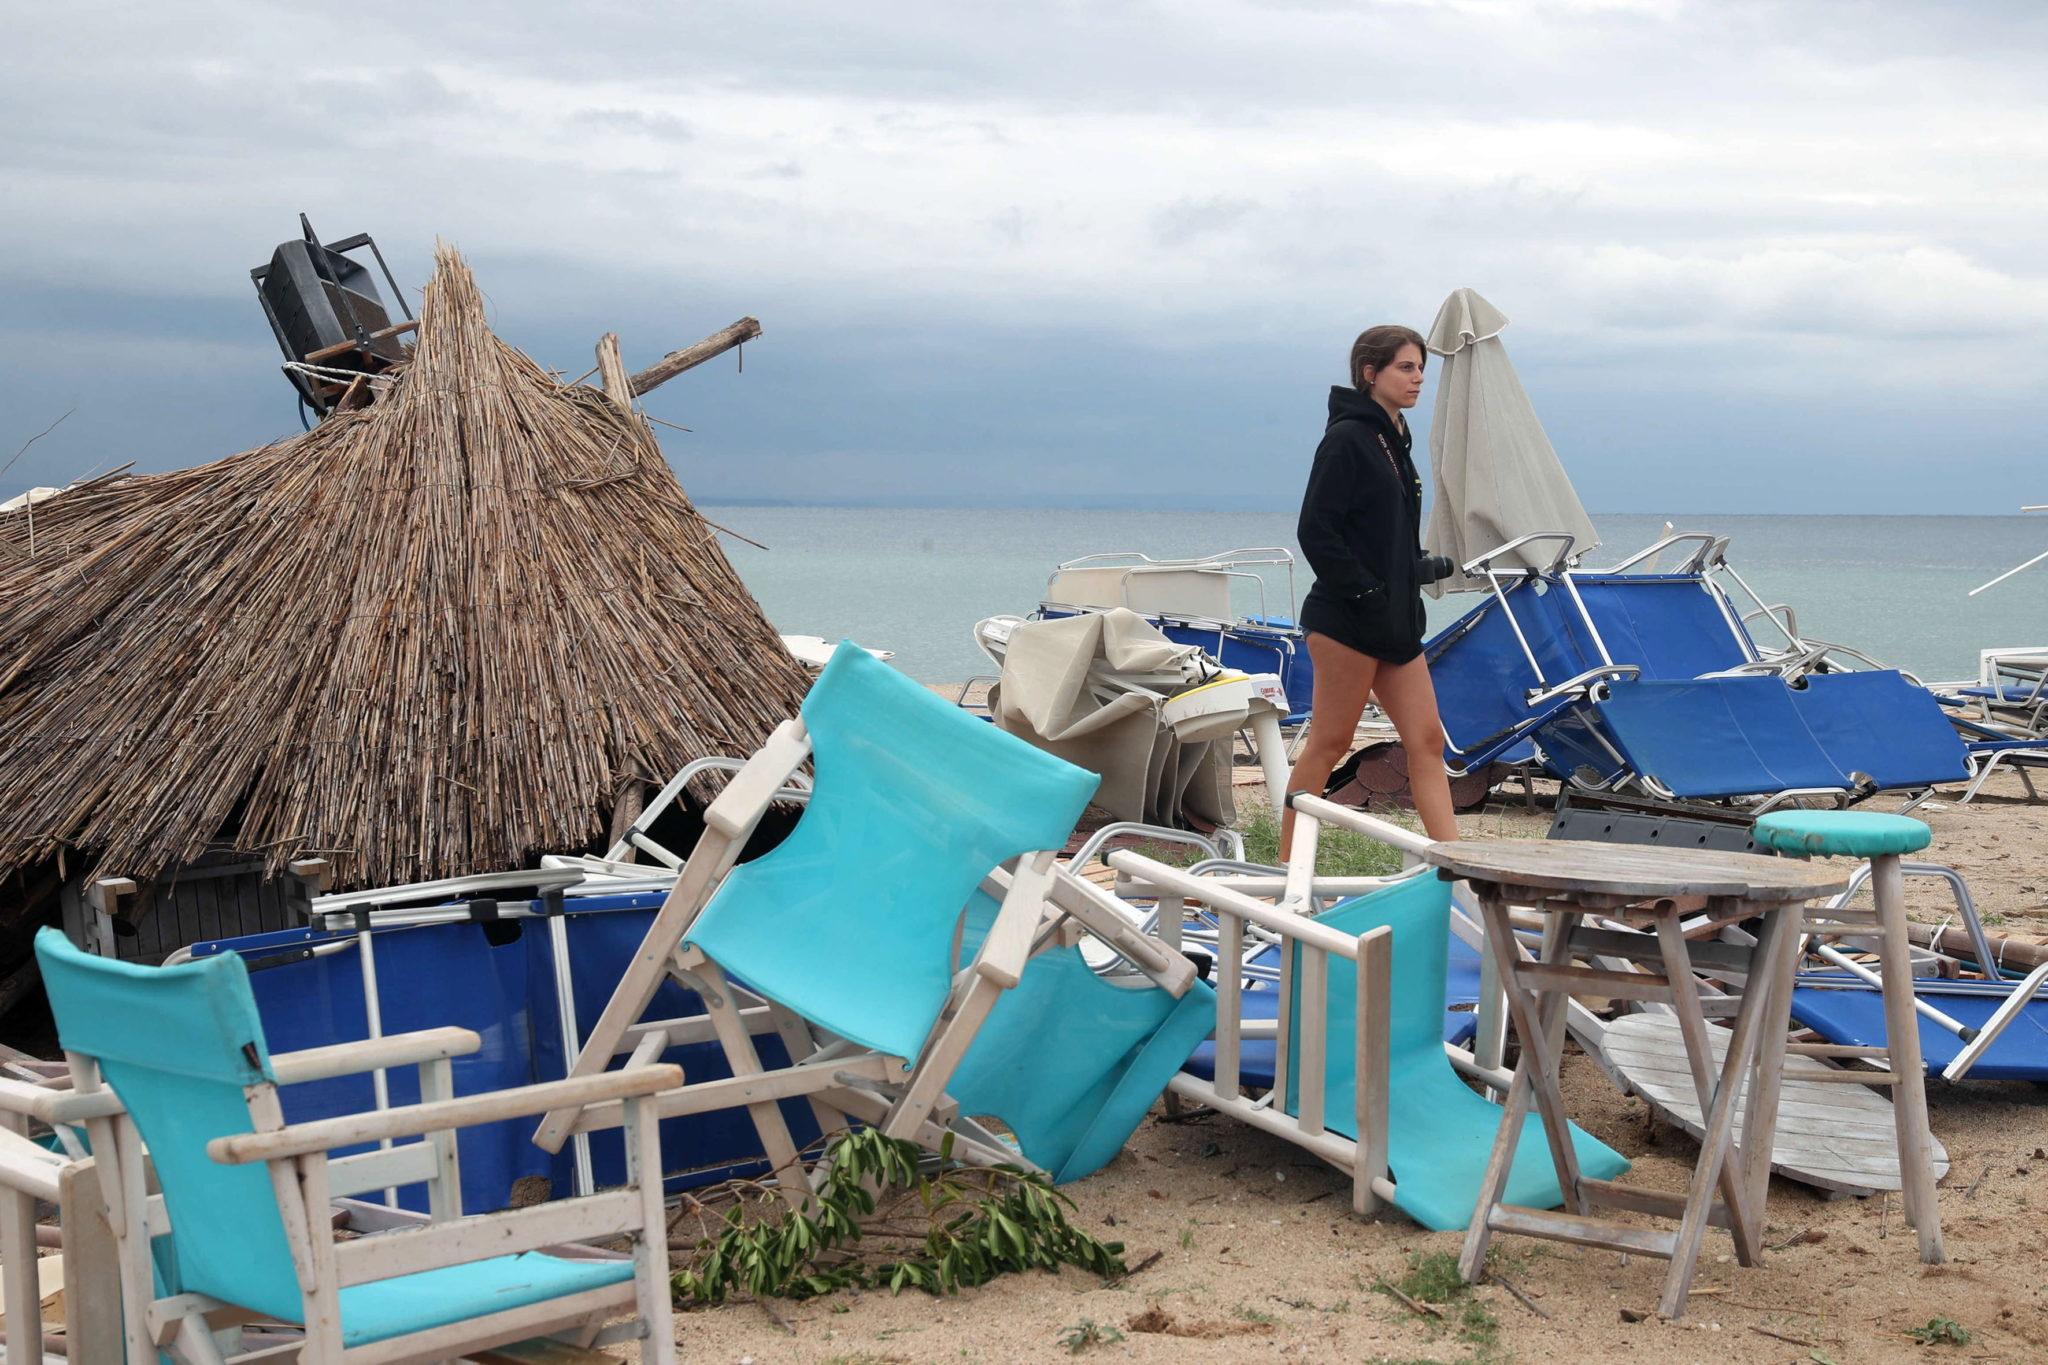 Do 7 osób wzrósł bilans ofiar w północnej Grecji. Przez tamtą część regionu przetoczyła się co prawda krótka, ale bardzo intensywna burza z gradobiciem. Wśród zabitych jest co najmniej 6 turystów, fot. VERVERIDIS VASSILIS , PAP/EPA